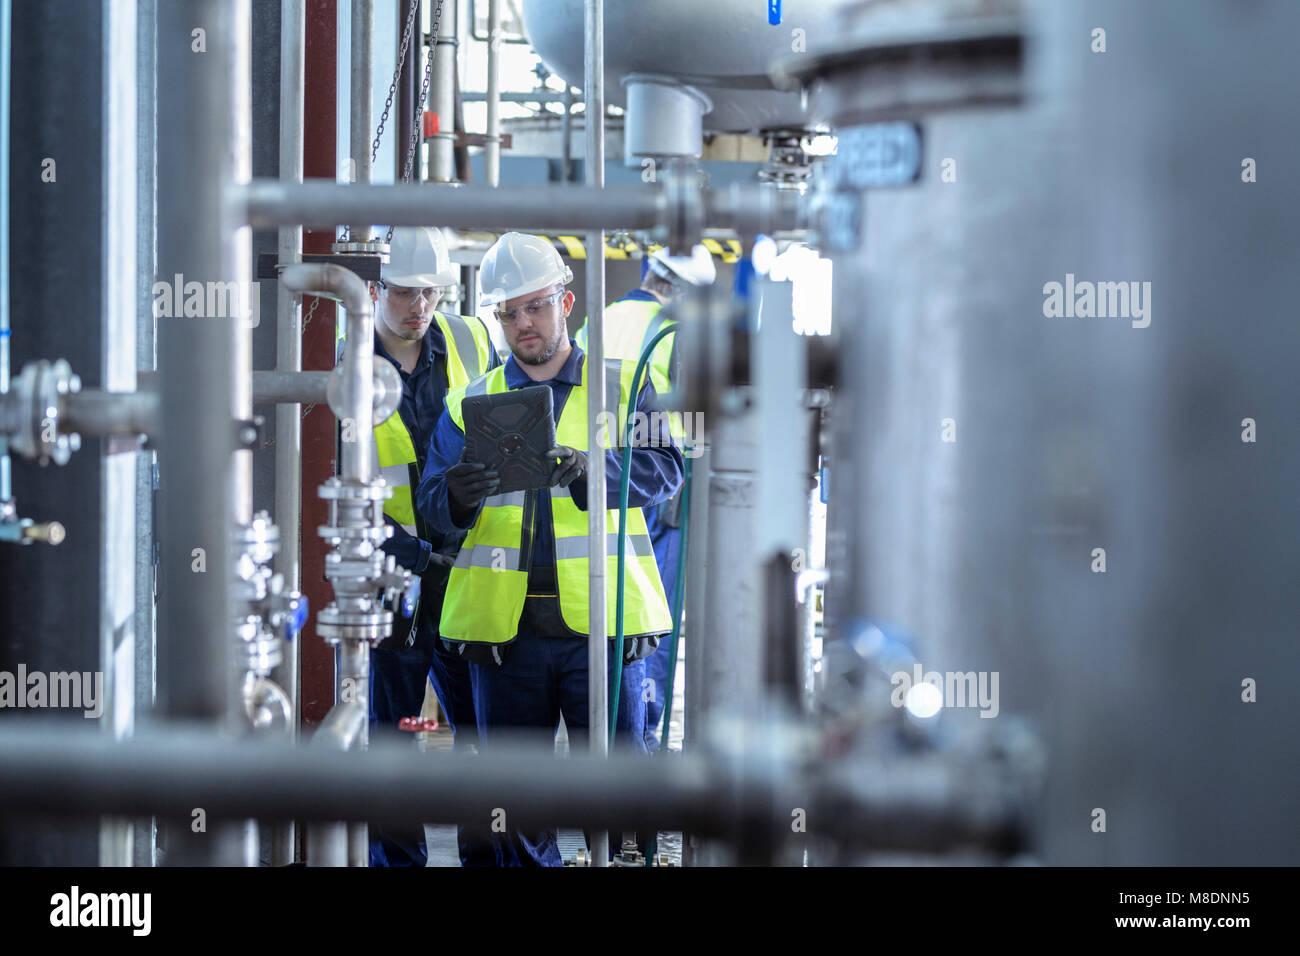 Aprendiz ingenieros trabajando en ducto en el producto industrial facility Foto de stock